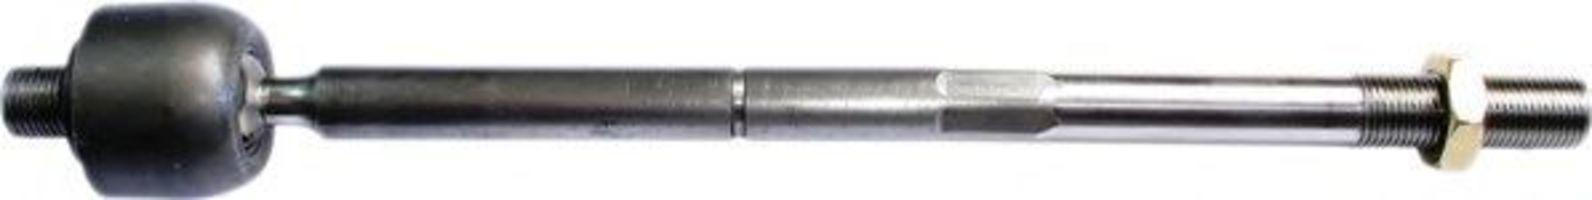 Тяга рулевая AS METAL 20FR2205